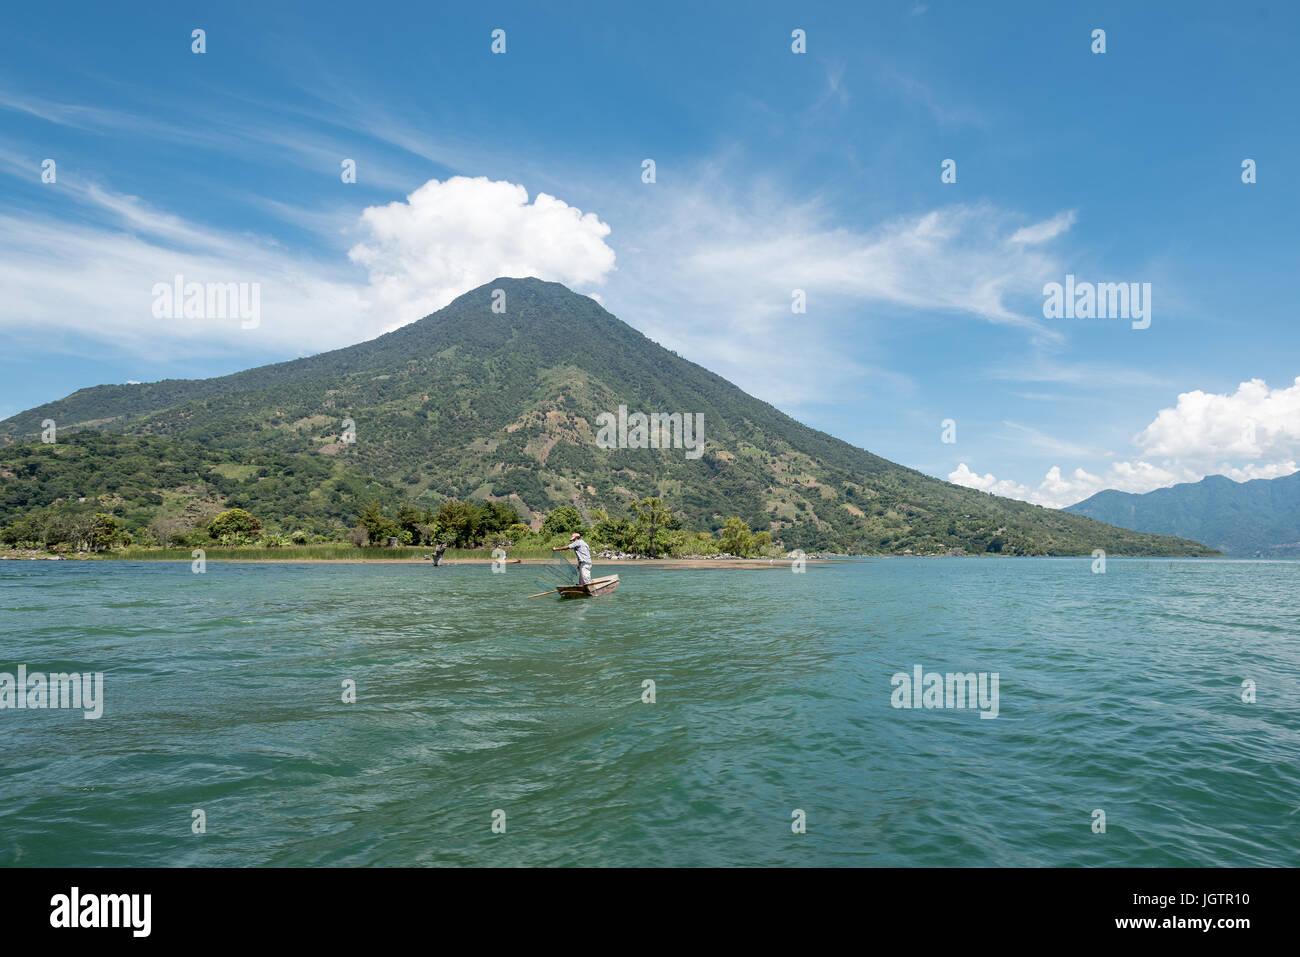 Fisherman on Atitlan lake, Guatemala - Stock Image